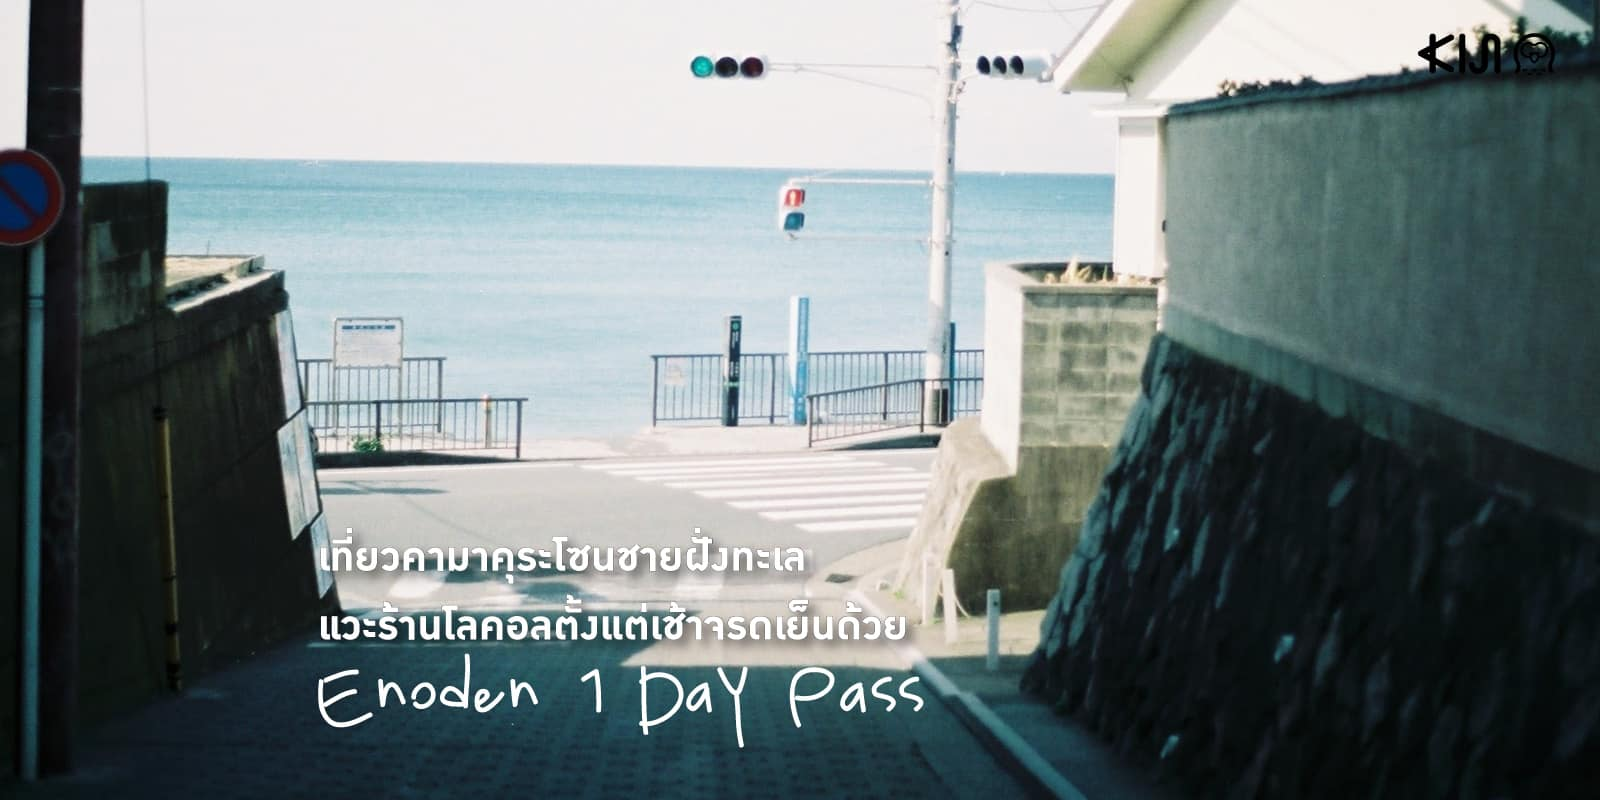 เที่ยวคามาคุระ ด้วยบัตรโดยสาร Edoden 1 Day Pass